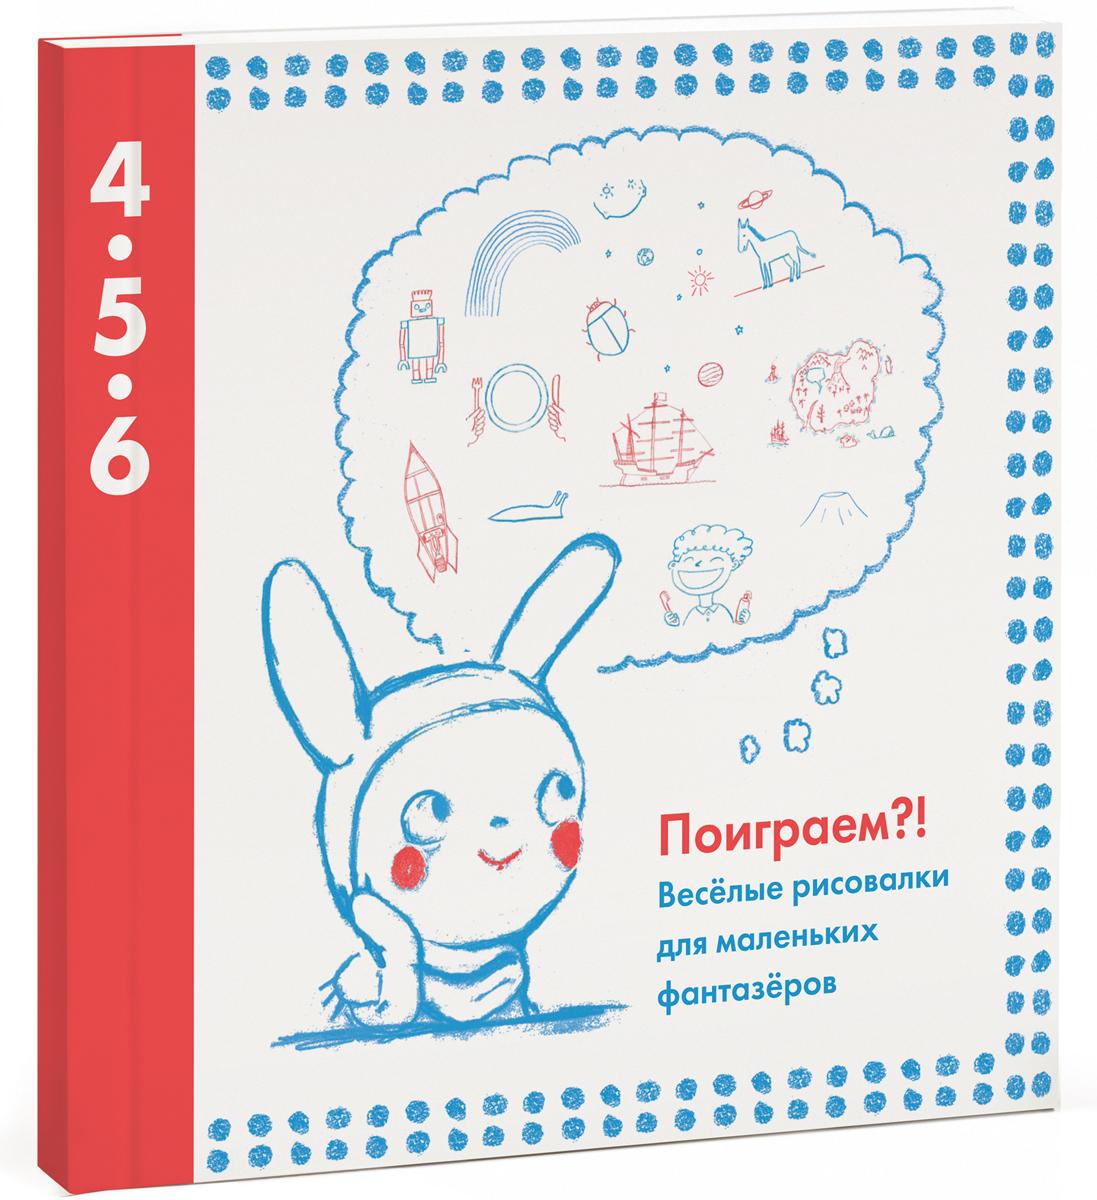 Поиграем?! Веселые рисовалки для маленьких фантазеров. Для детей от 4 до 6 лет, Раскраски на любой вкус  - купить со скидкой